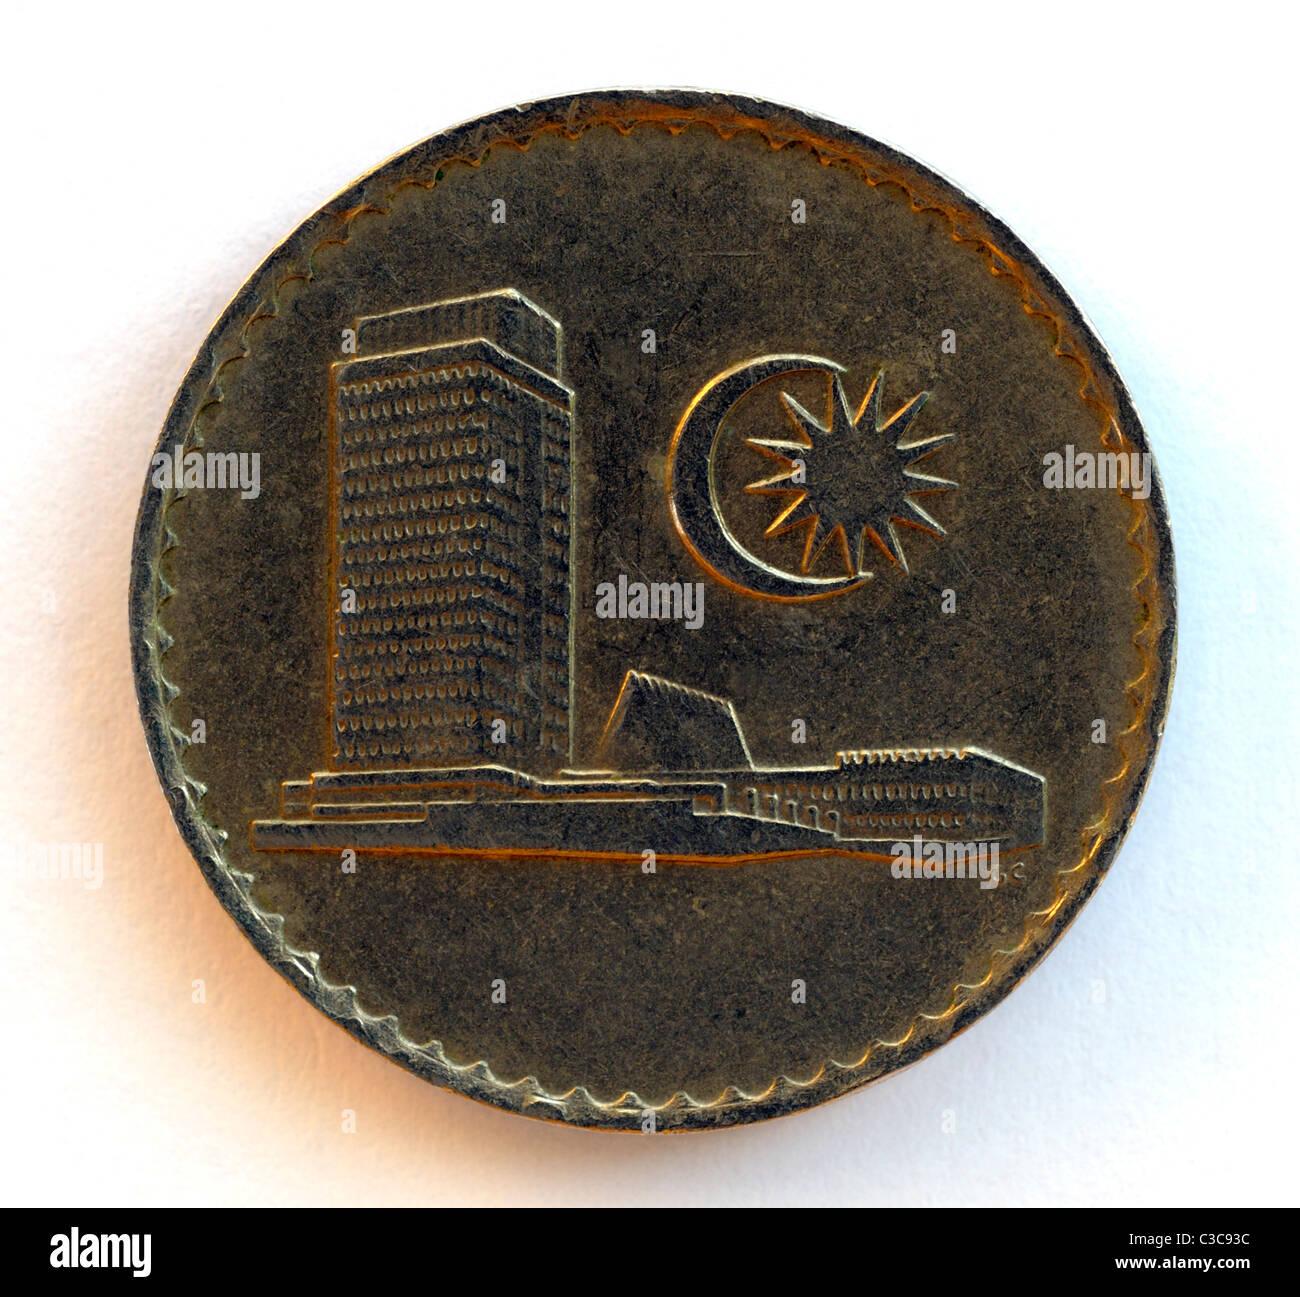 Malaysia 50 Fifty Sen Coin. - Stock Image